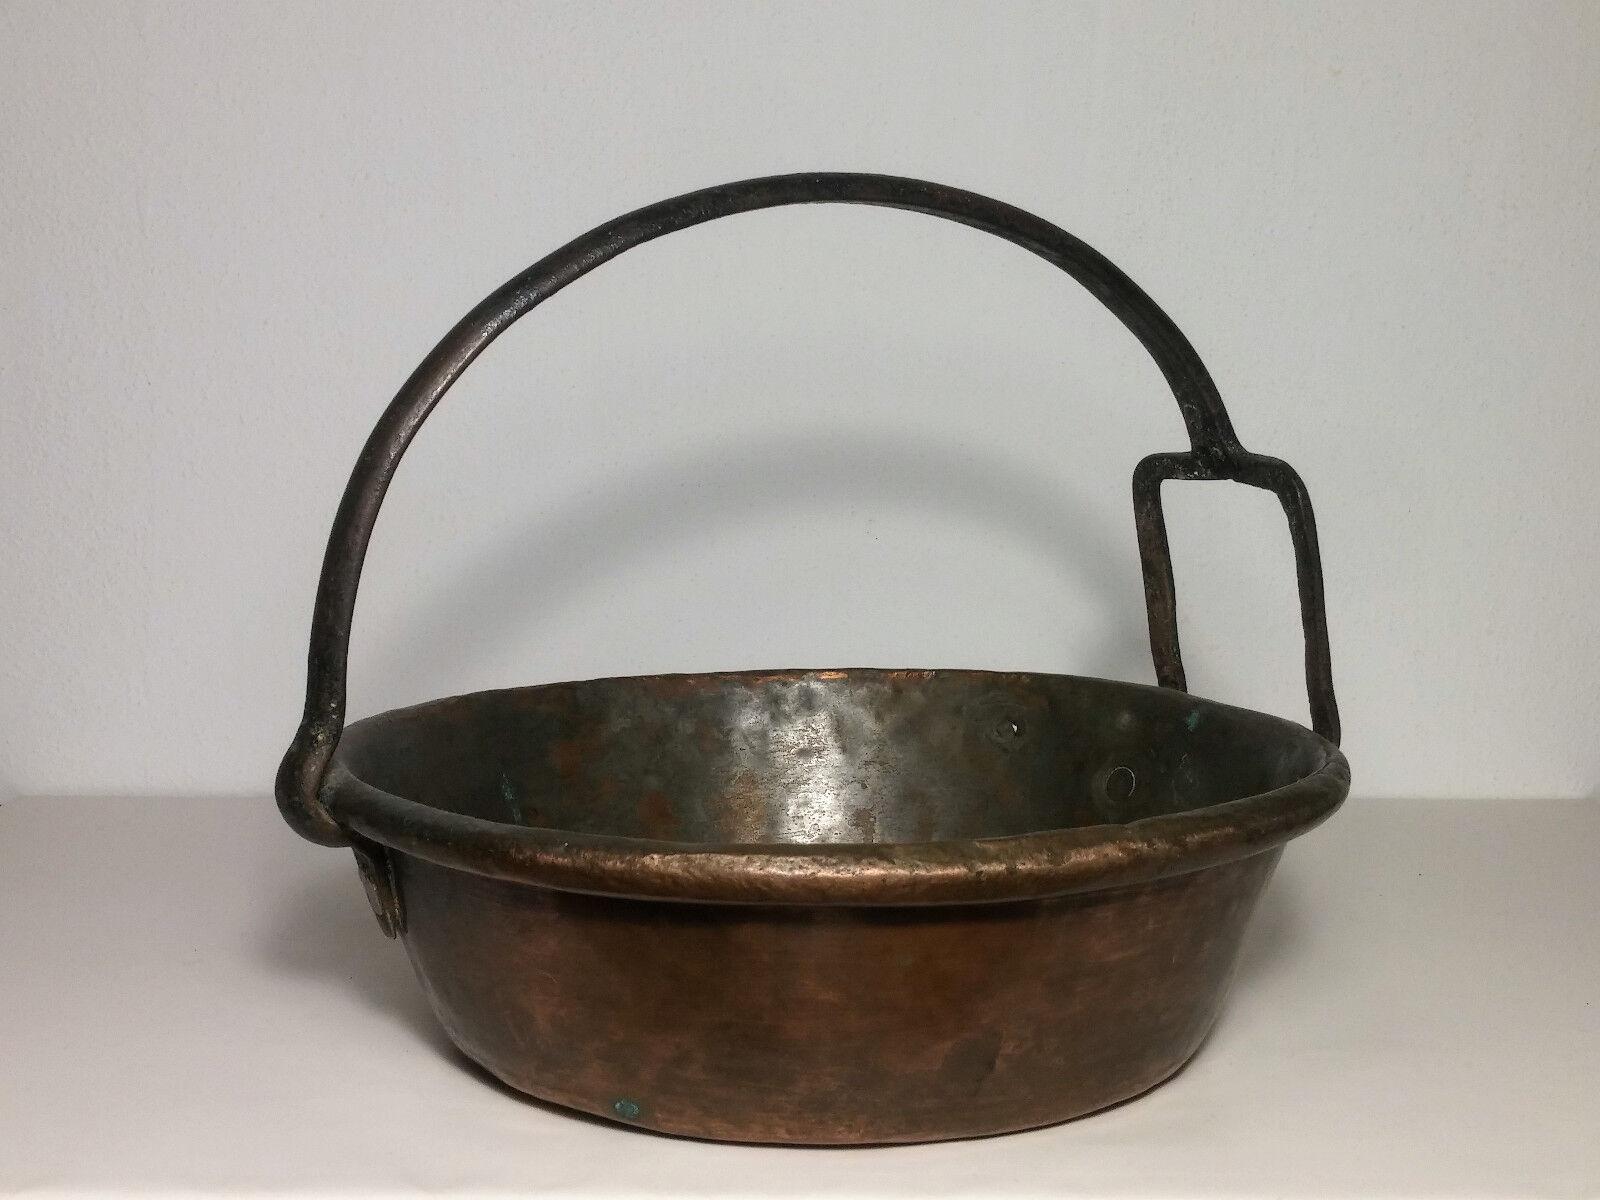 Risottiera antica pentola in rame casseruola vintage paiolo padella rustica 1800